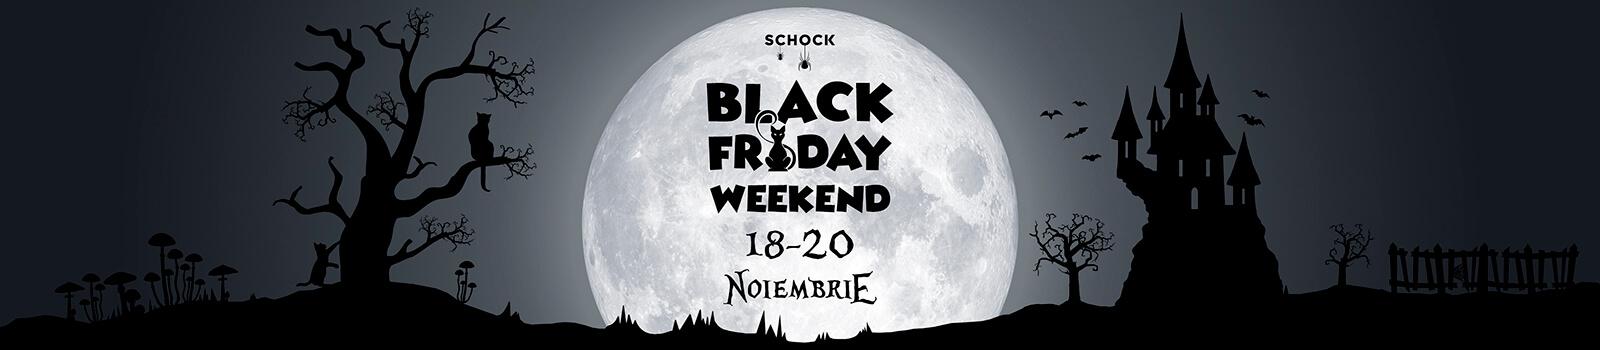 Black Friday Weekend 2016